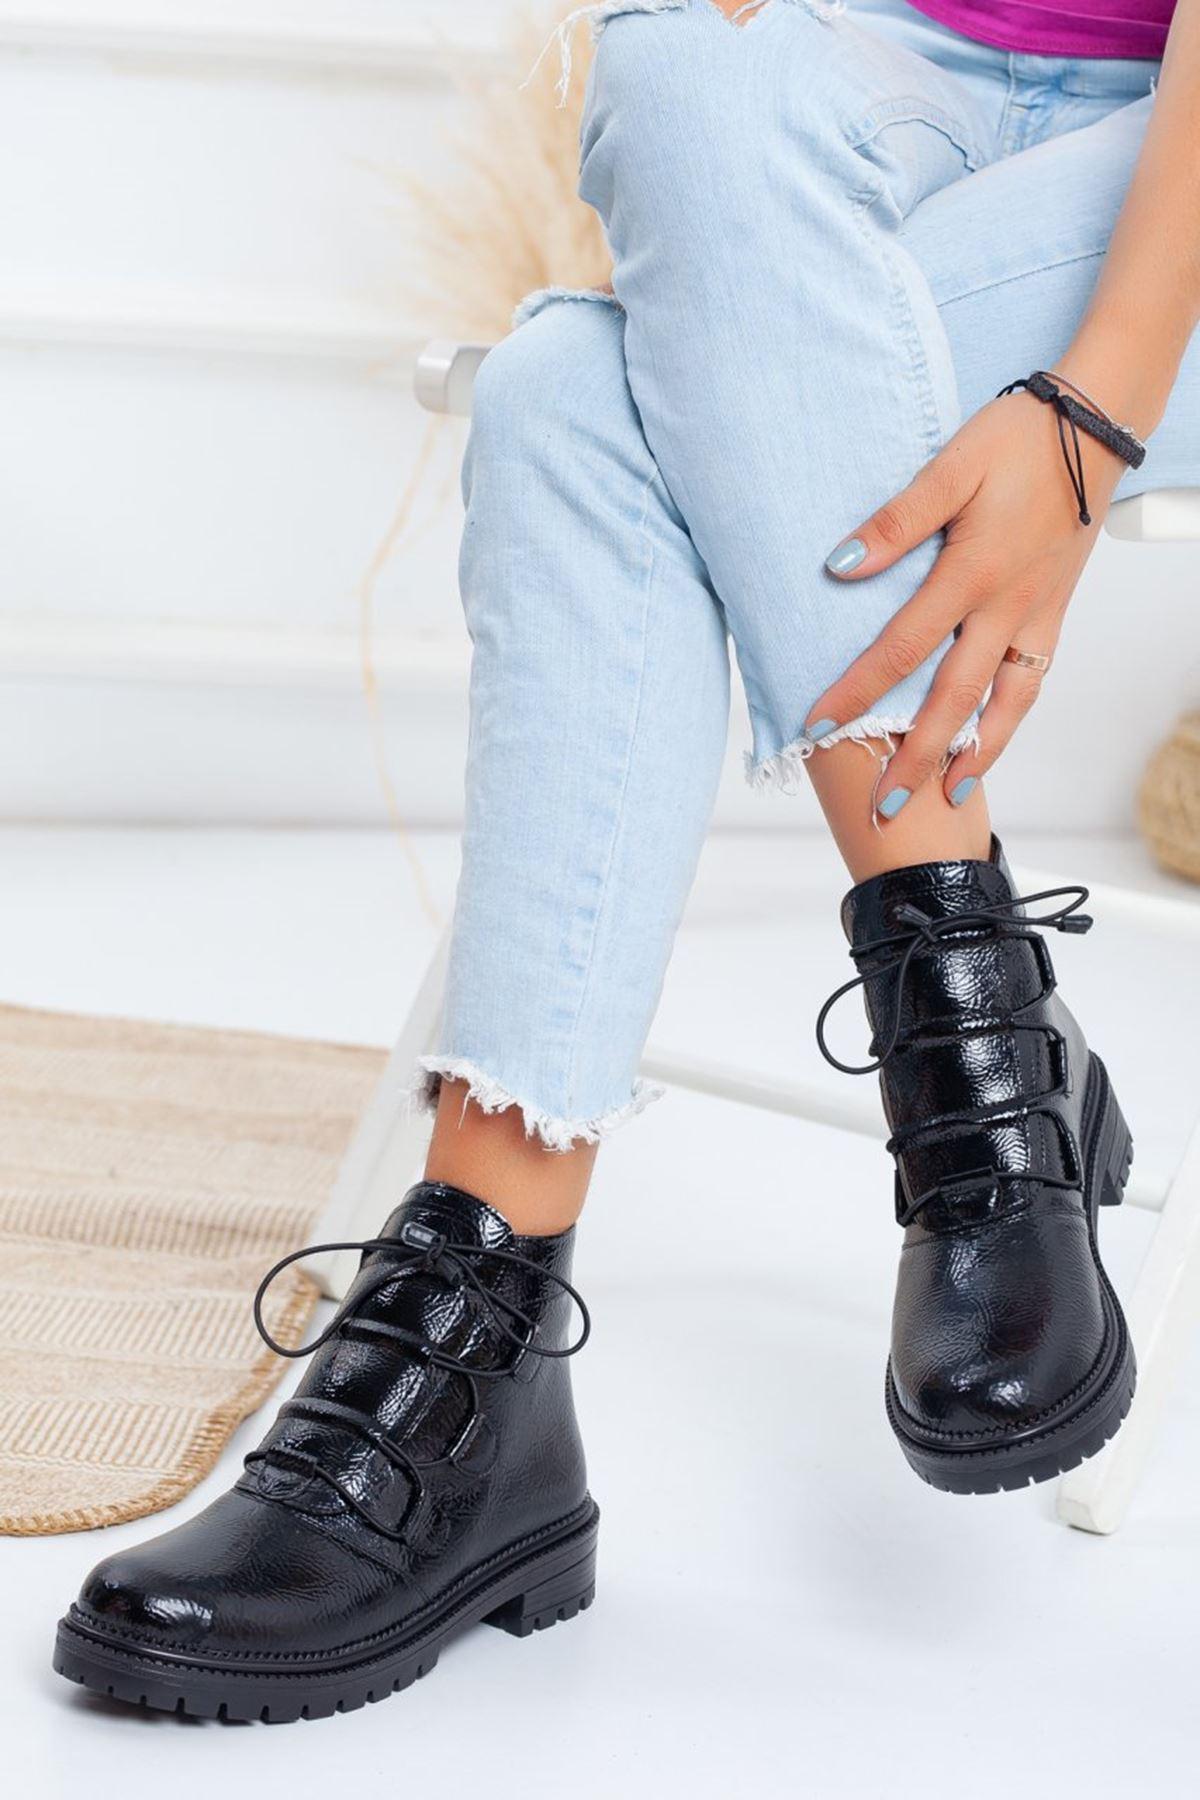 Kadın Deny Lastik Bağcıklı Tırtıklı Taban Kırışık Rugan Siyah Bot